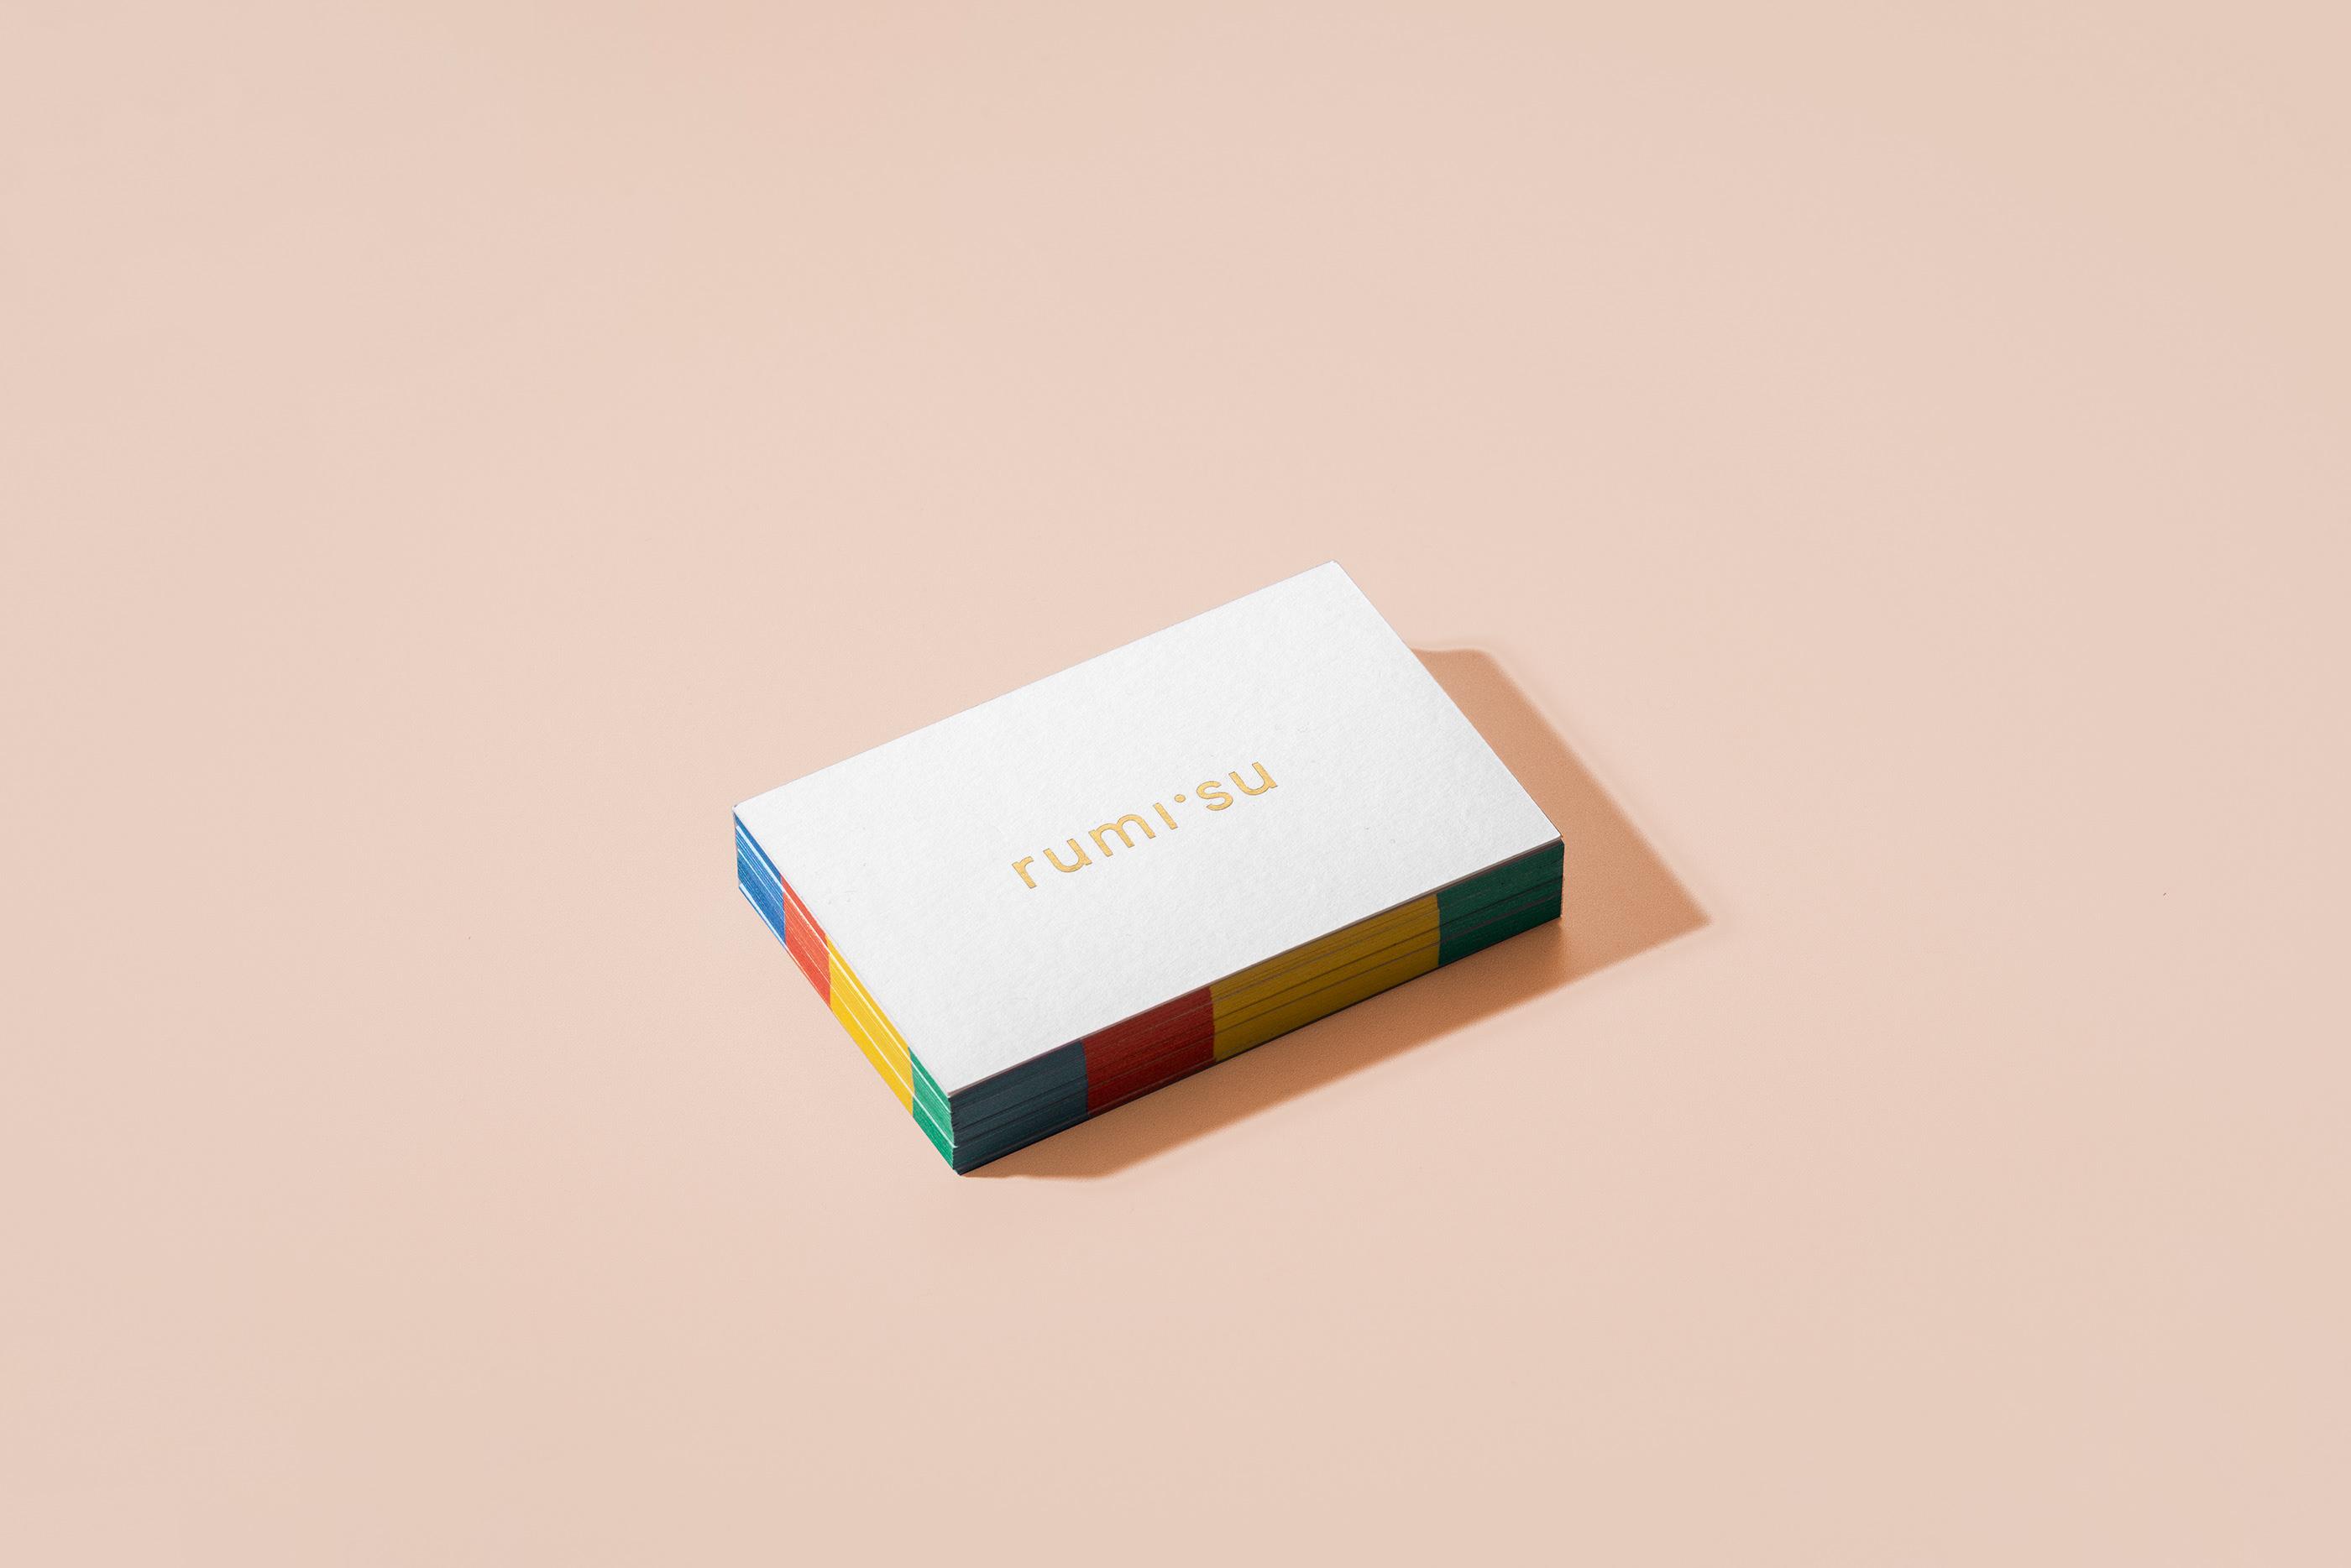 Rumisu原创设计配饰品牌的VI设计进行年轻化的品牌塑造-品牌VI设计